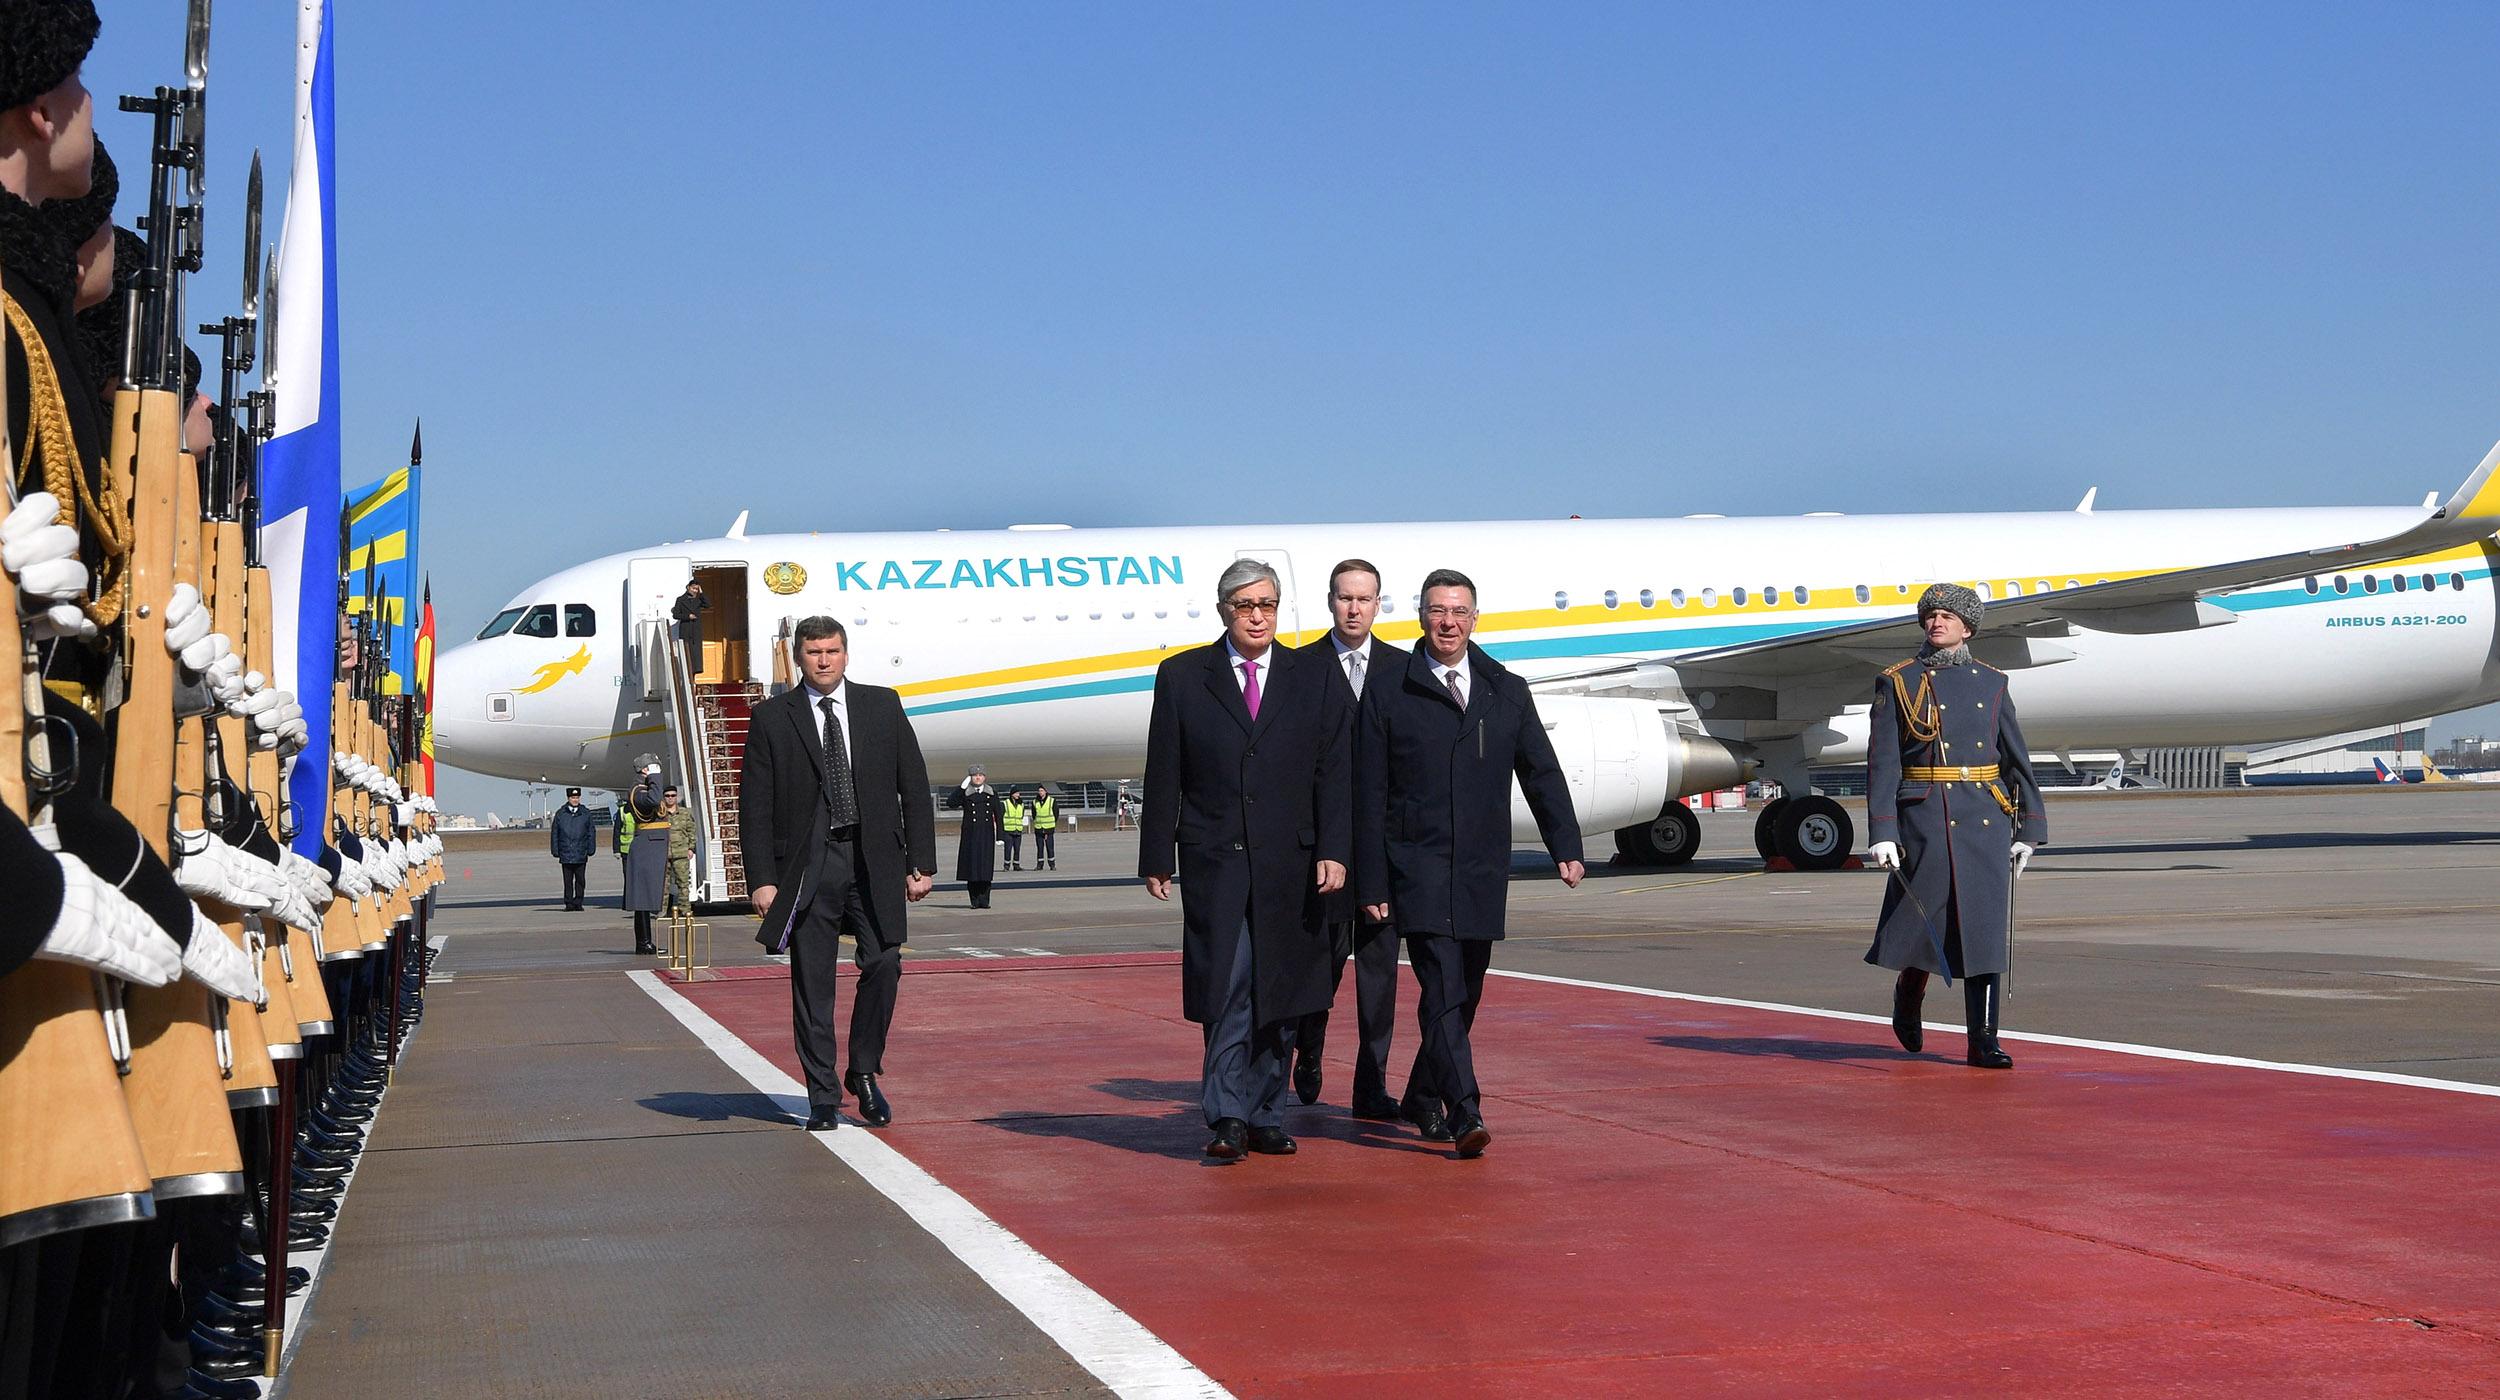 Касым-Жомарт Токаев назвал эталонными российско-казахстанские отношения